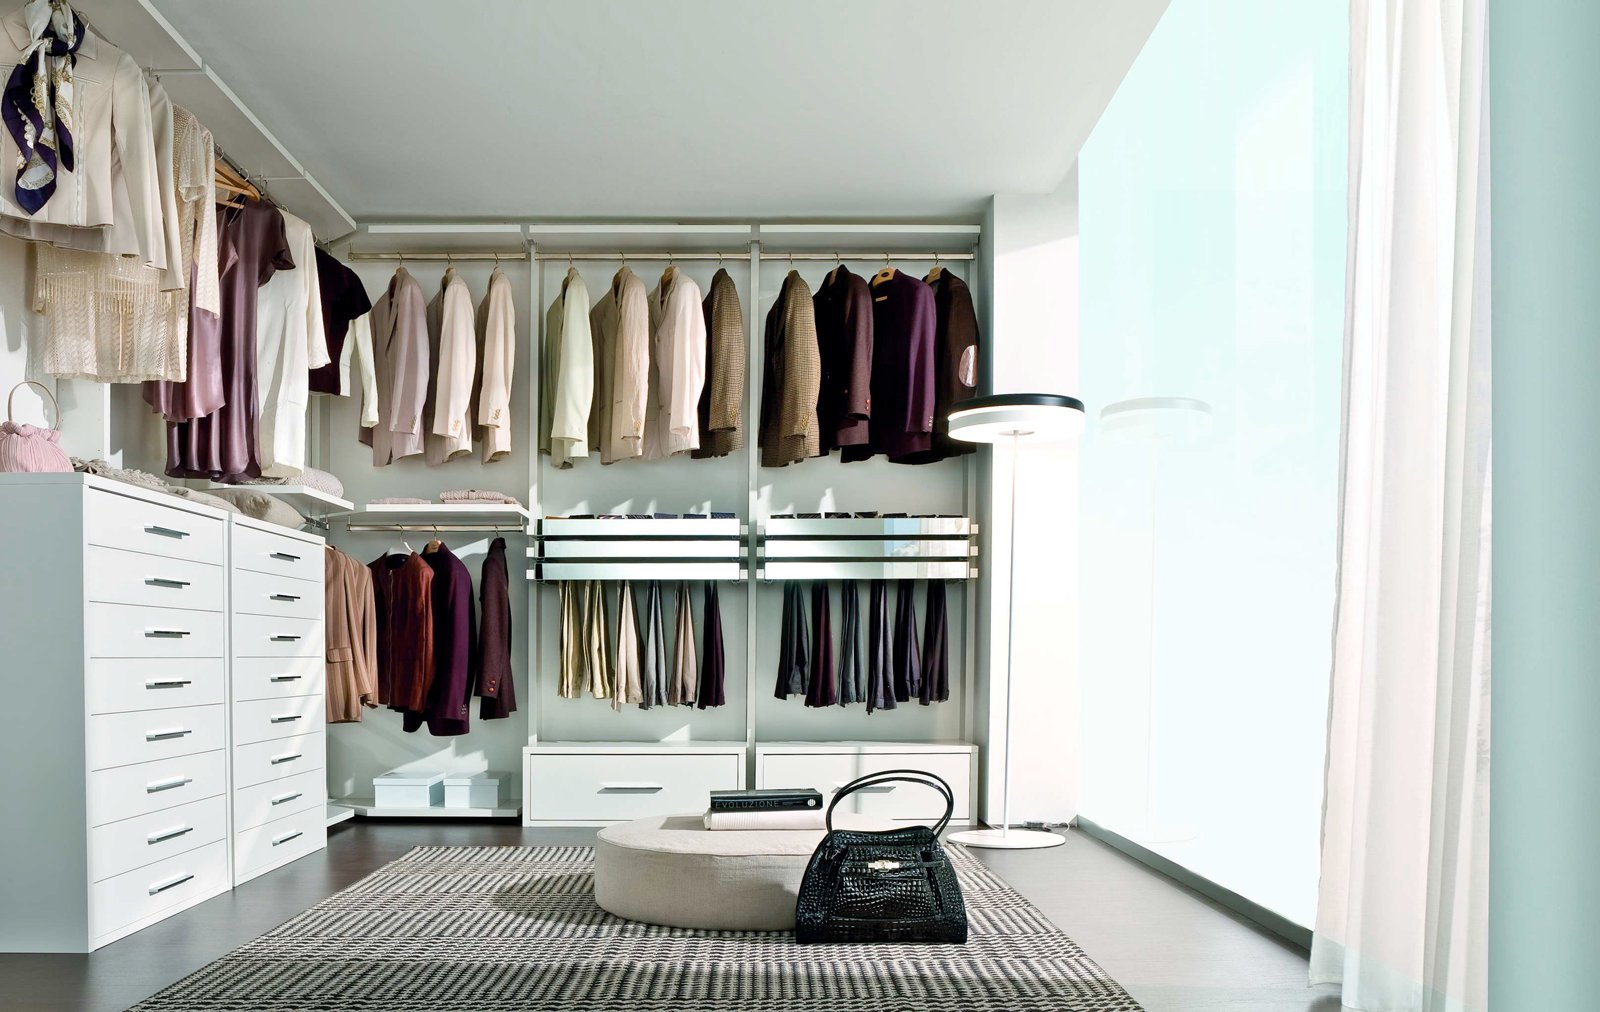 Cabine armadio soluzione trendy cose di casa for Cabine di legno di whitetail